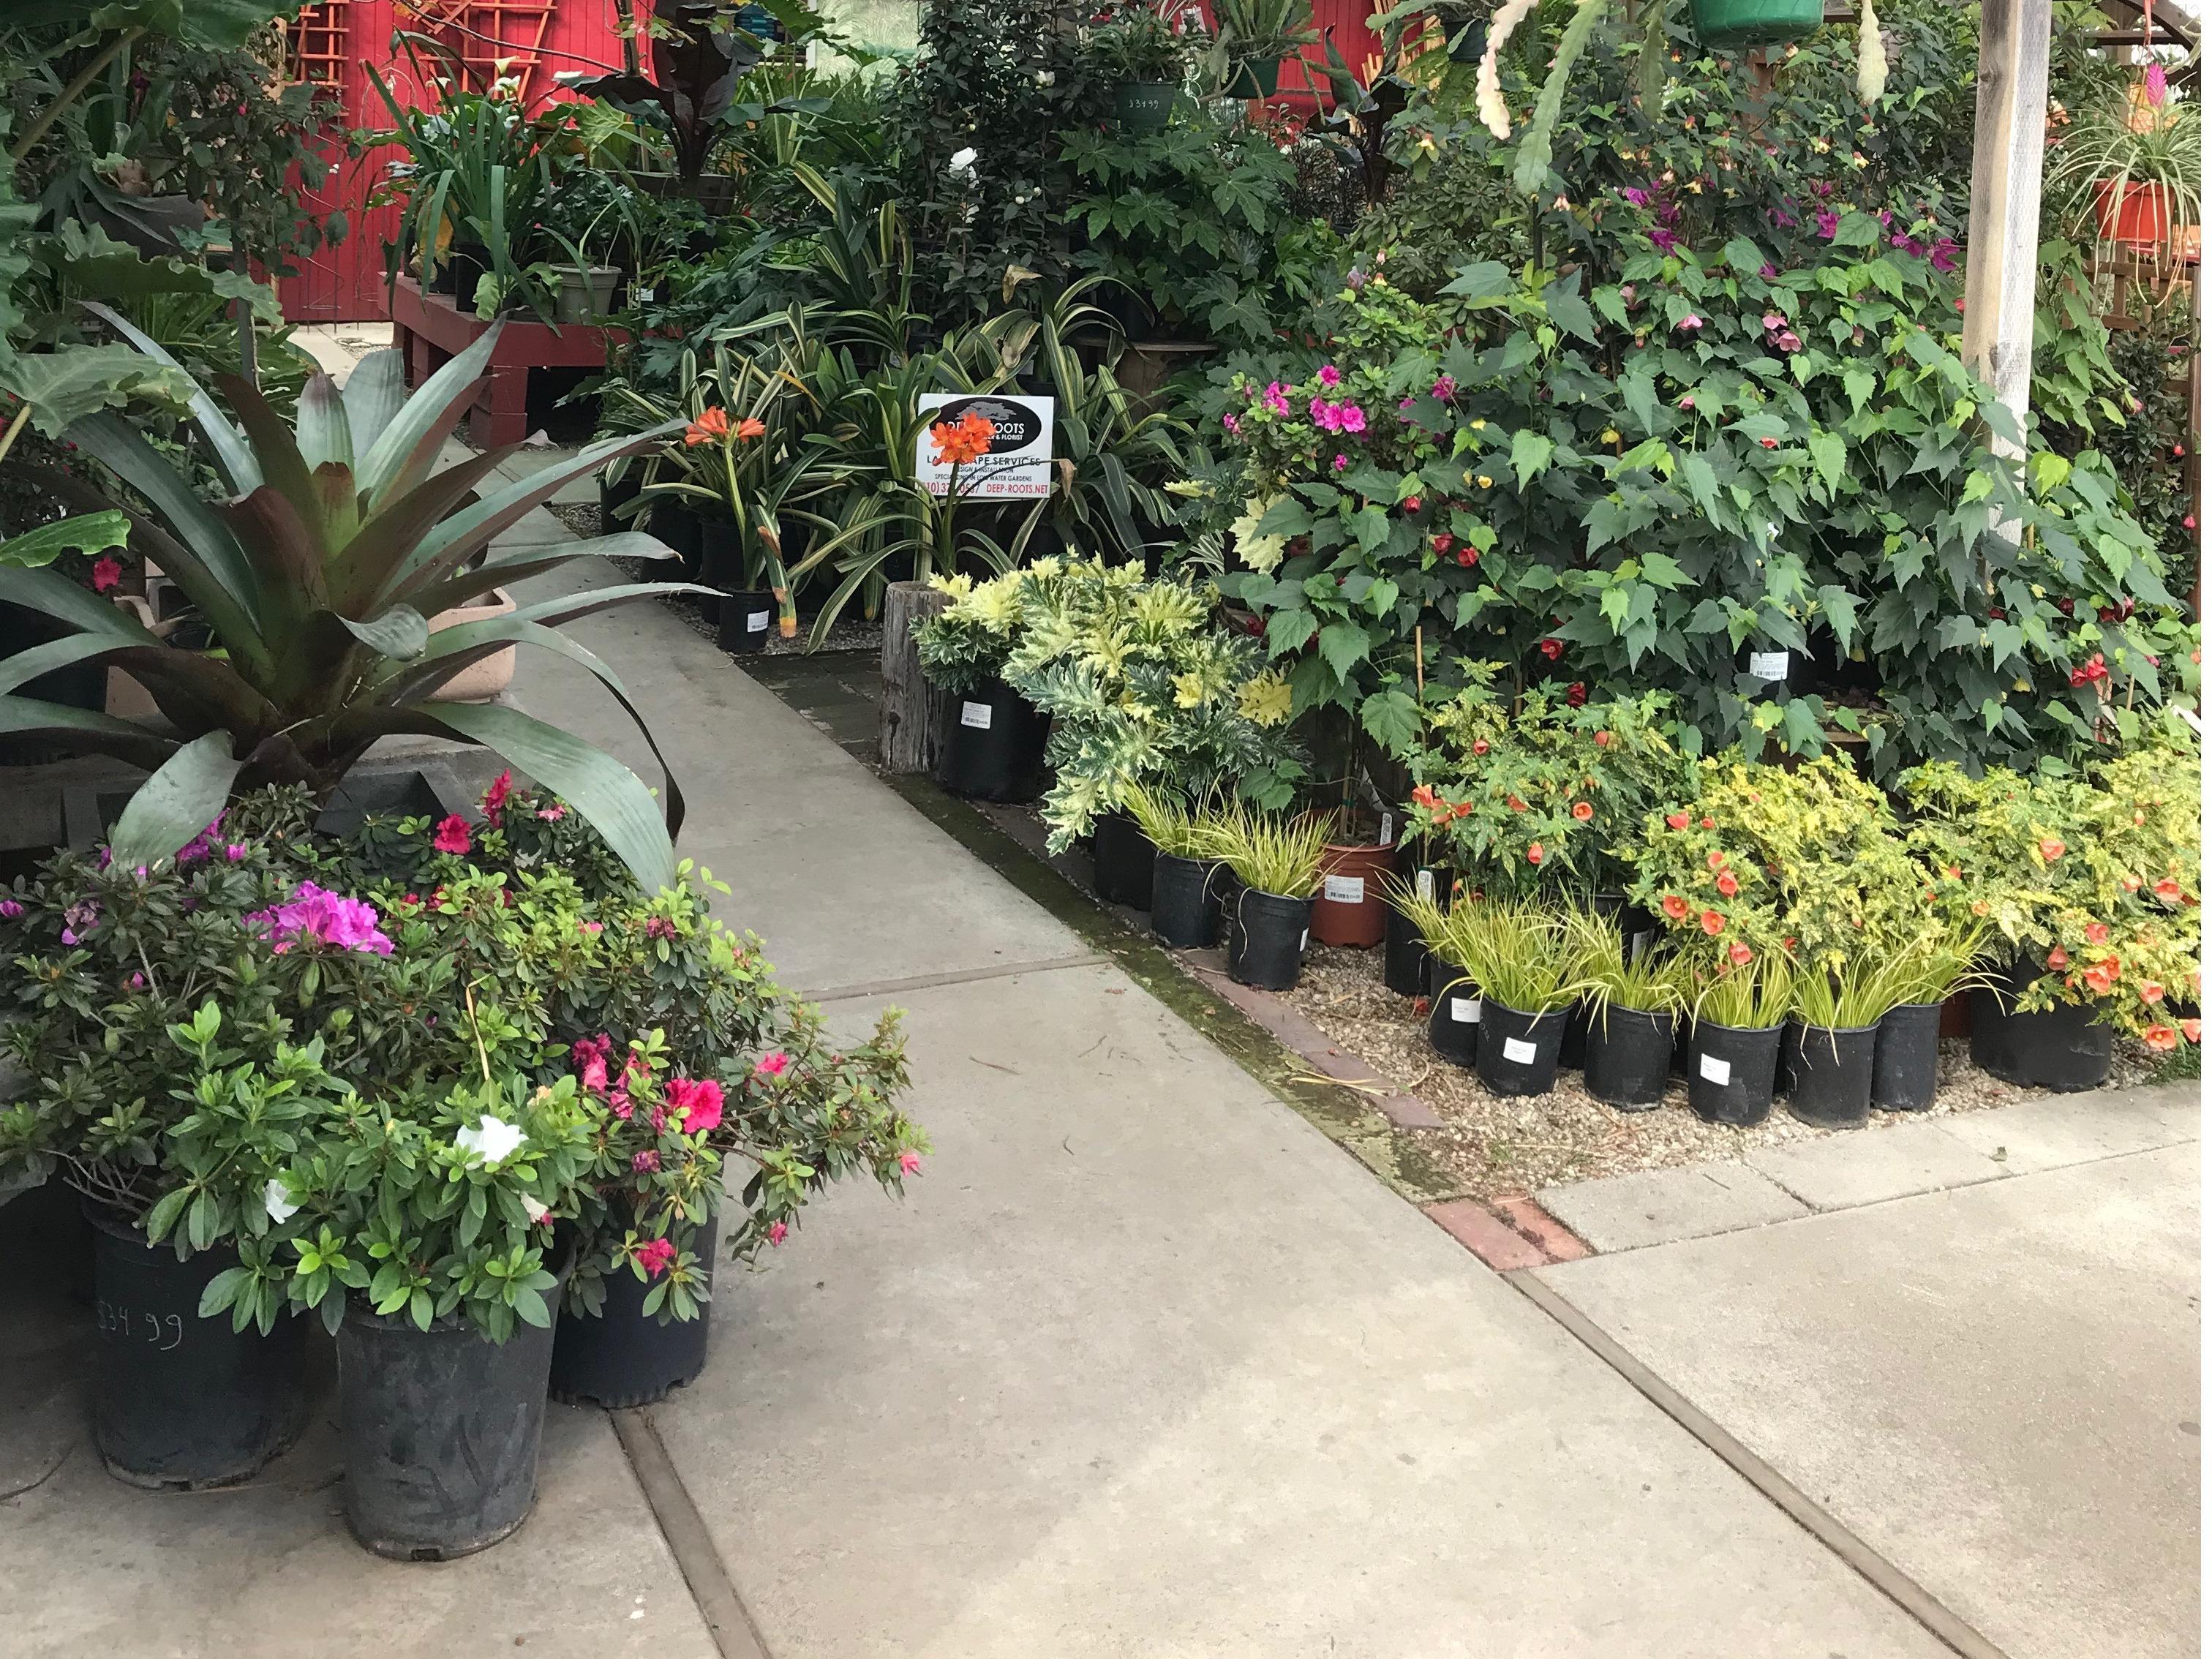 Deep Roots Garden Center & Florist